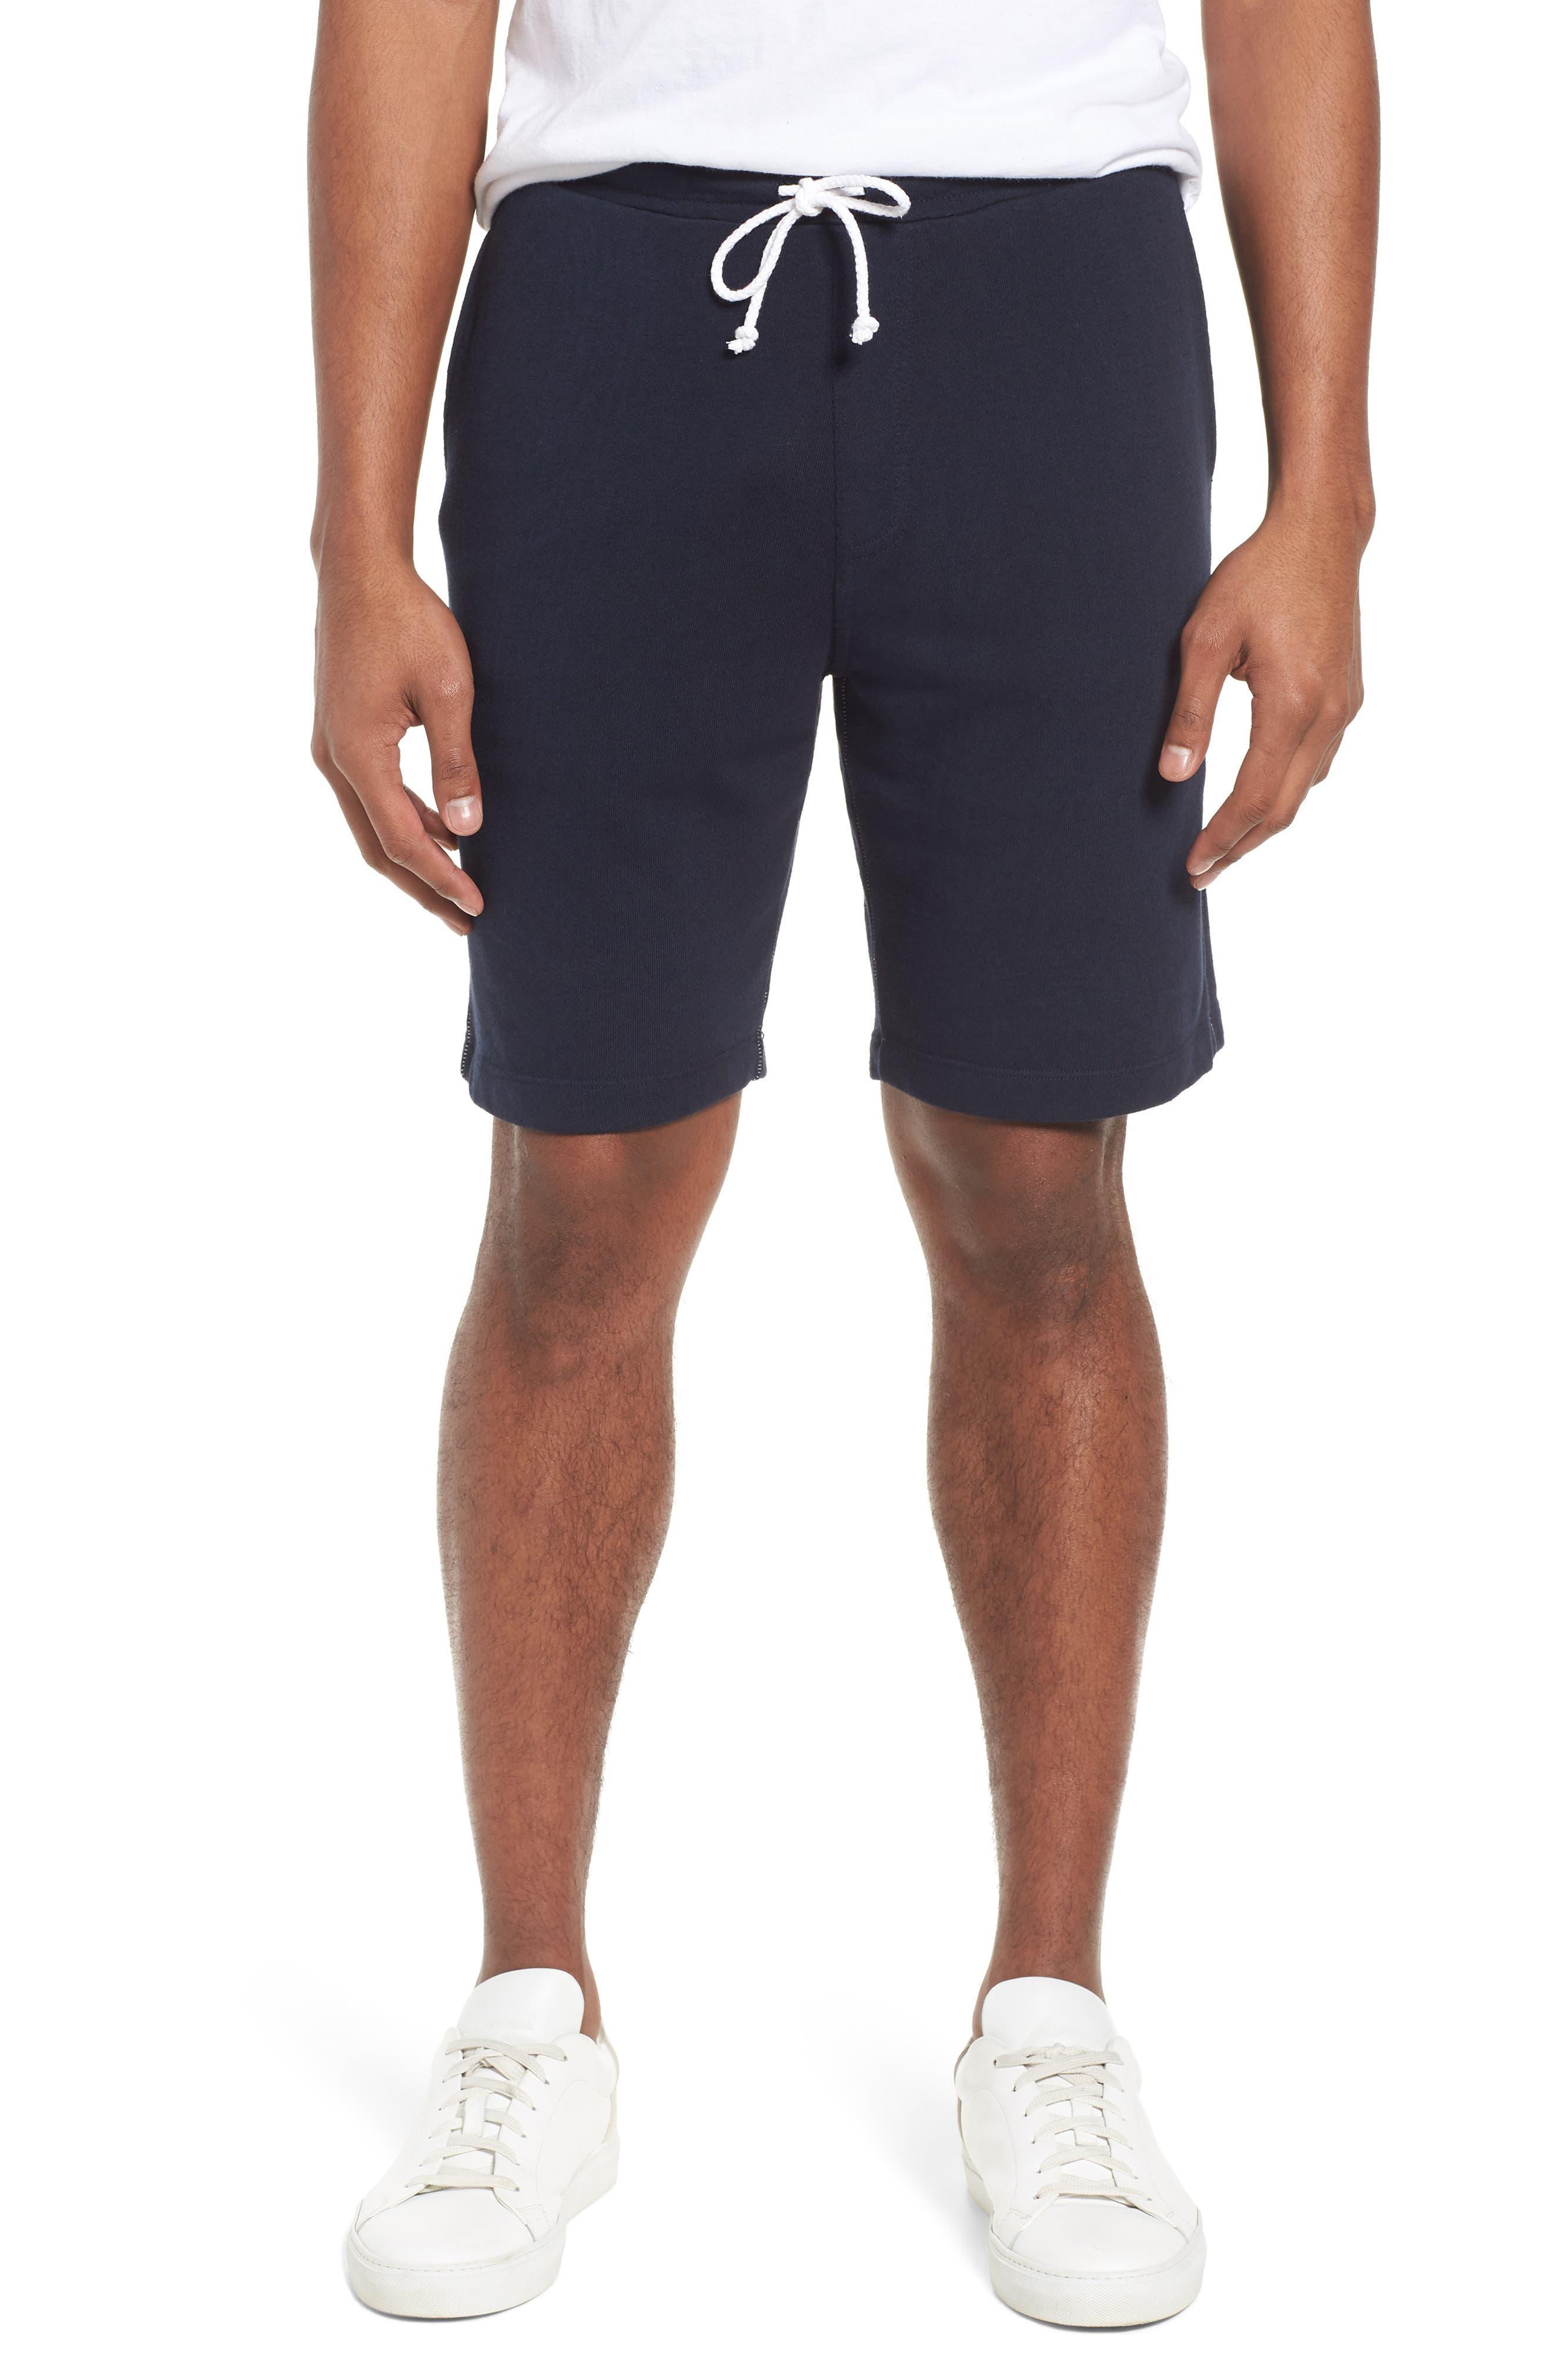 Main Image - M.Singer Lounge Sweat Shorts